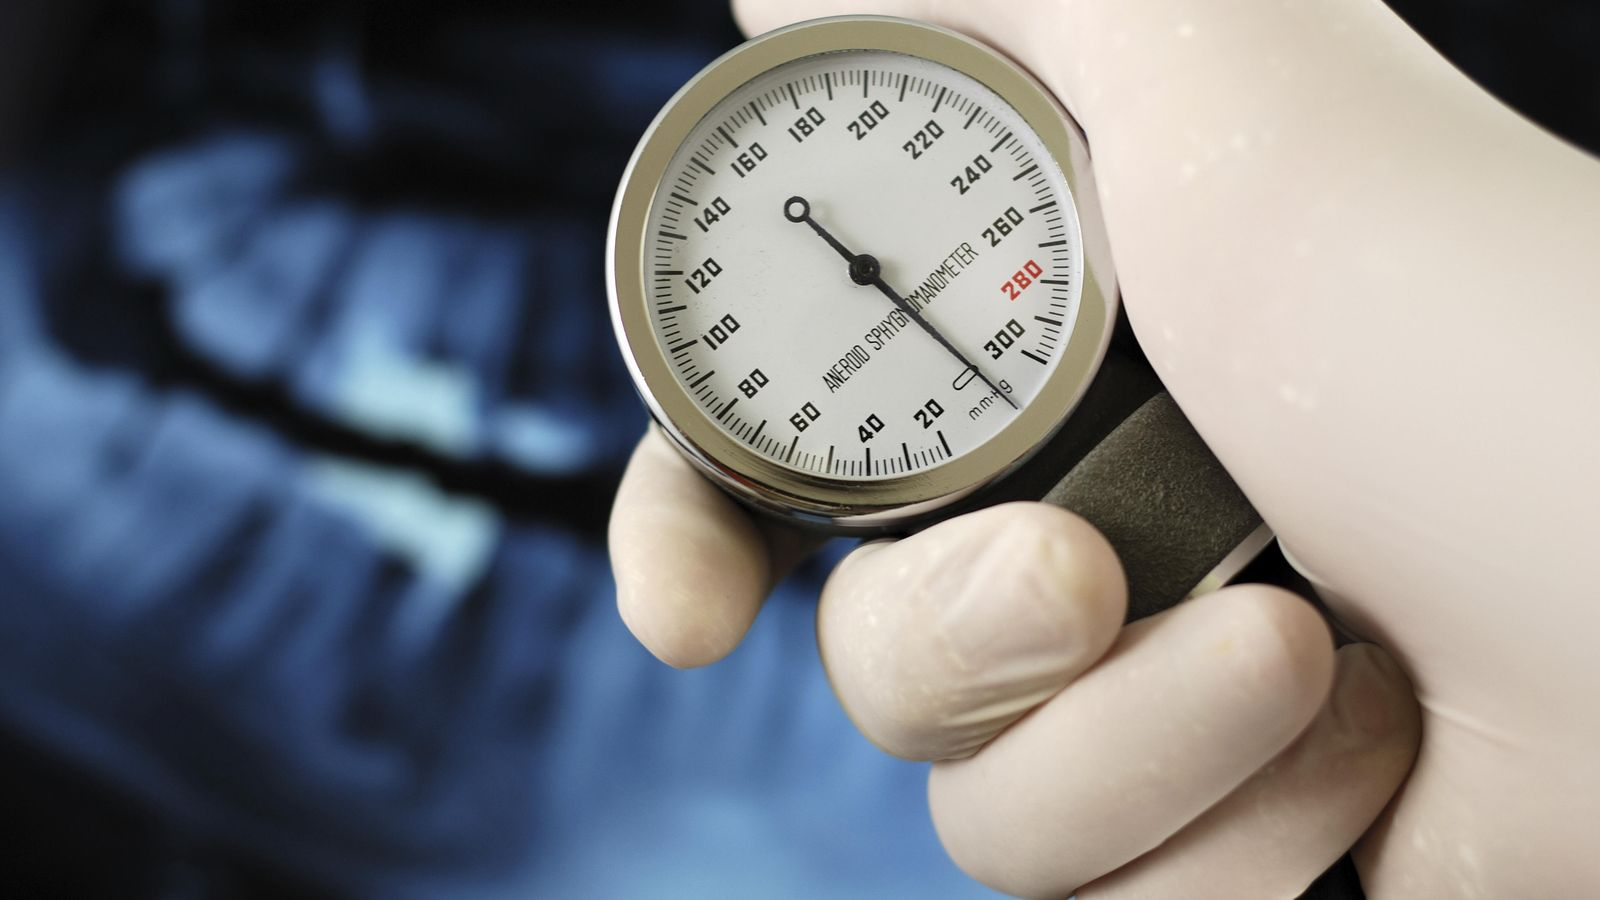 Secundarios hipertension efectos tratamiento